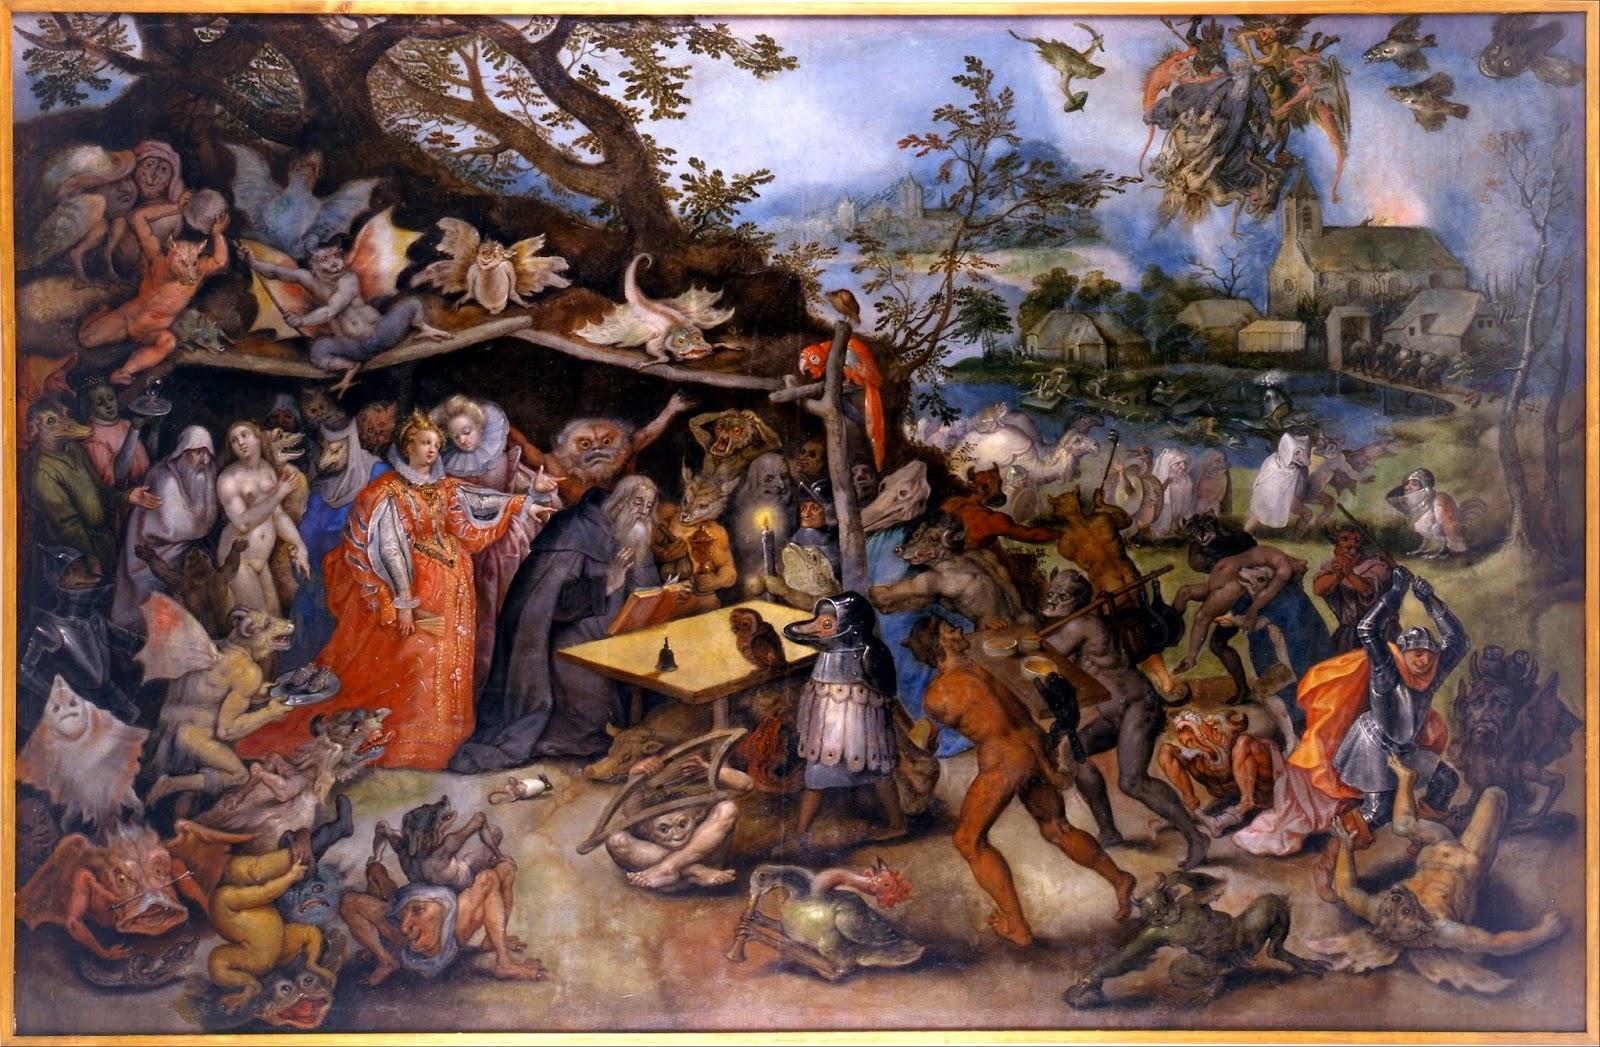 Las tentaciones de San Antonio, Jan Brueghel el Viejo (1568-1625)